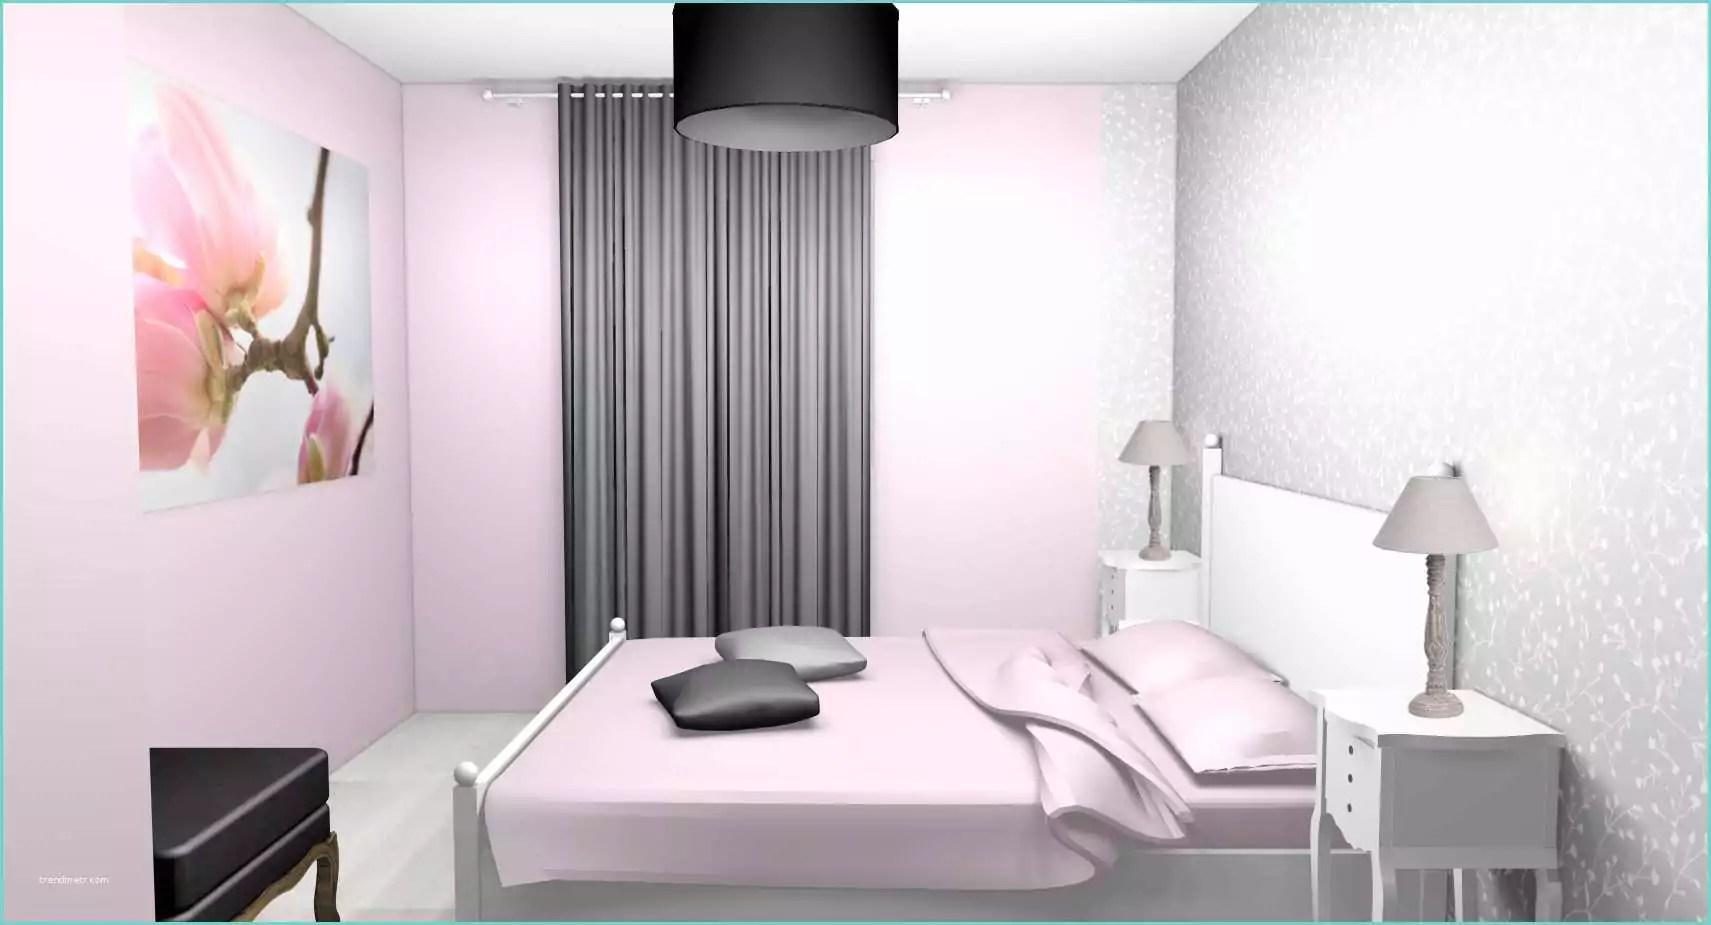 Chambre Fille Blanc Et Rose Chambre De Fille Aux Murs Gris Et Fushia Scenesdinterieur  Trendmetr